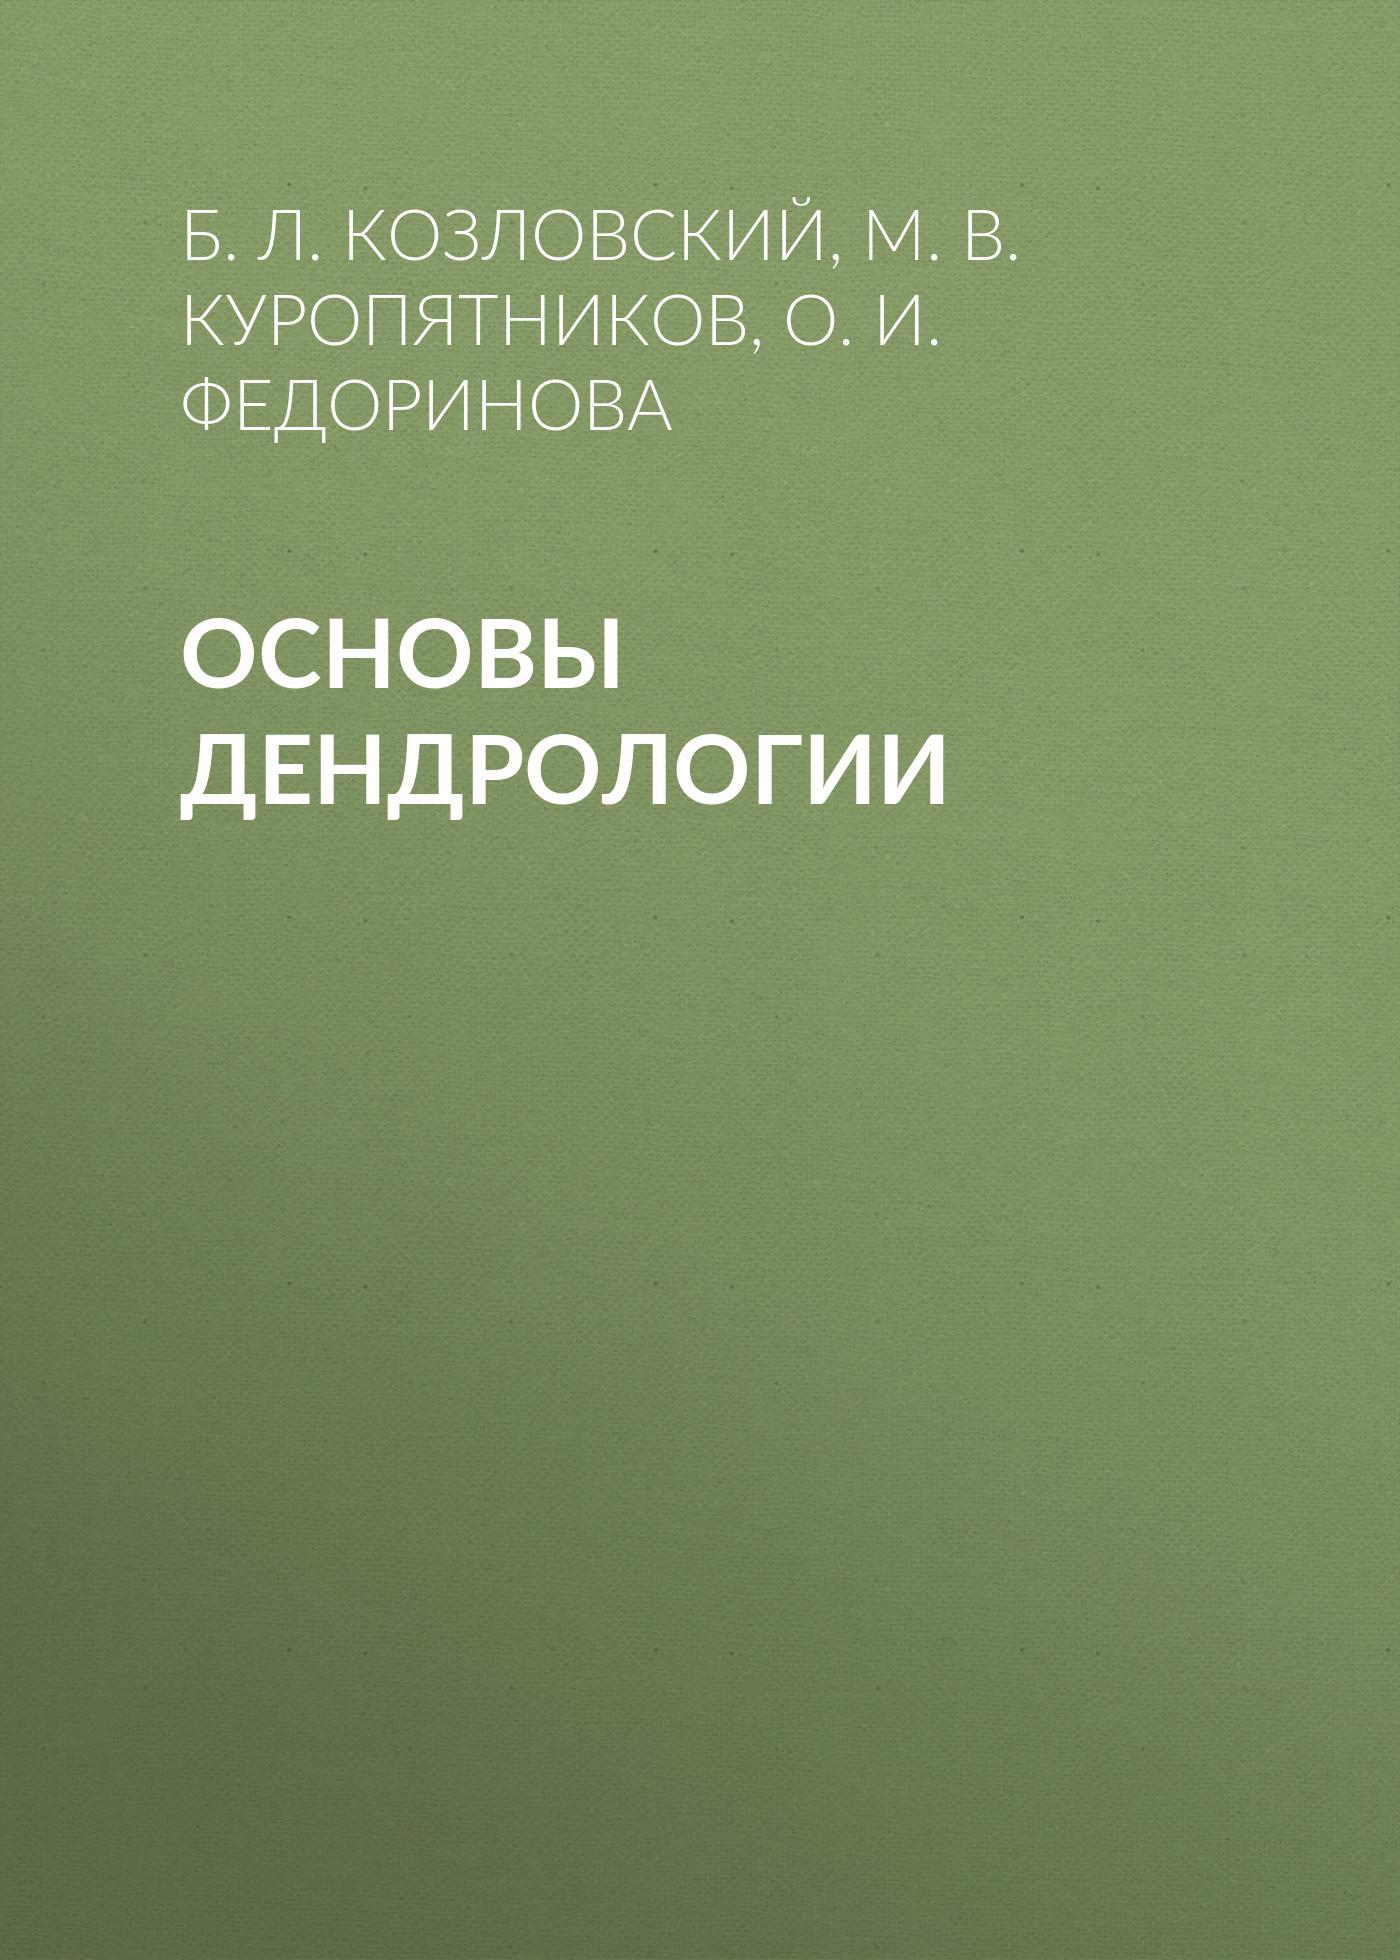 Б. Л. Козловский Основы дендрологии